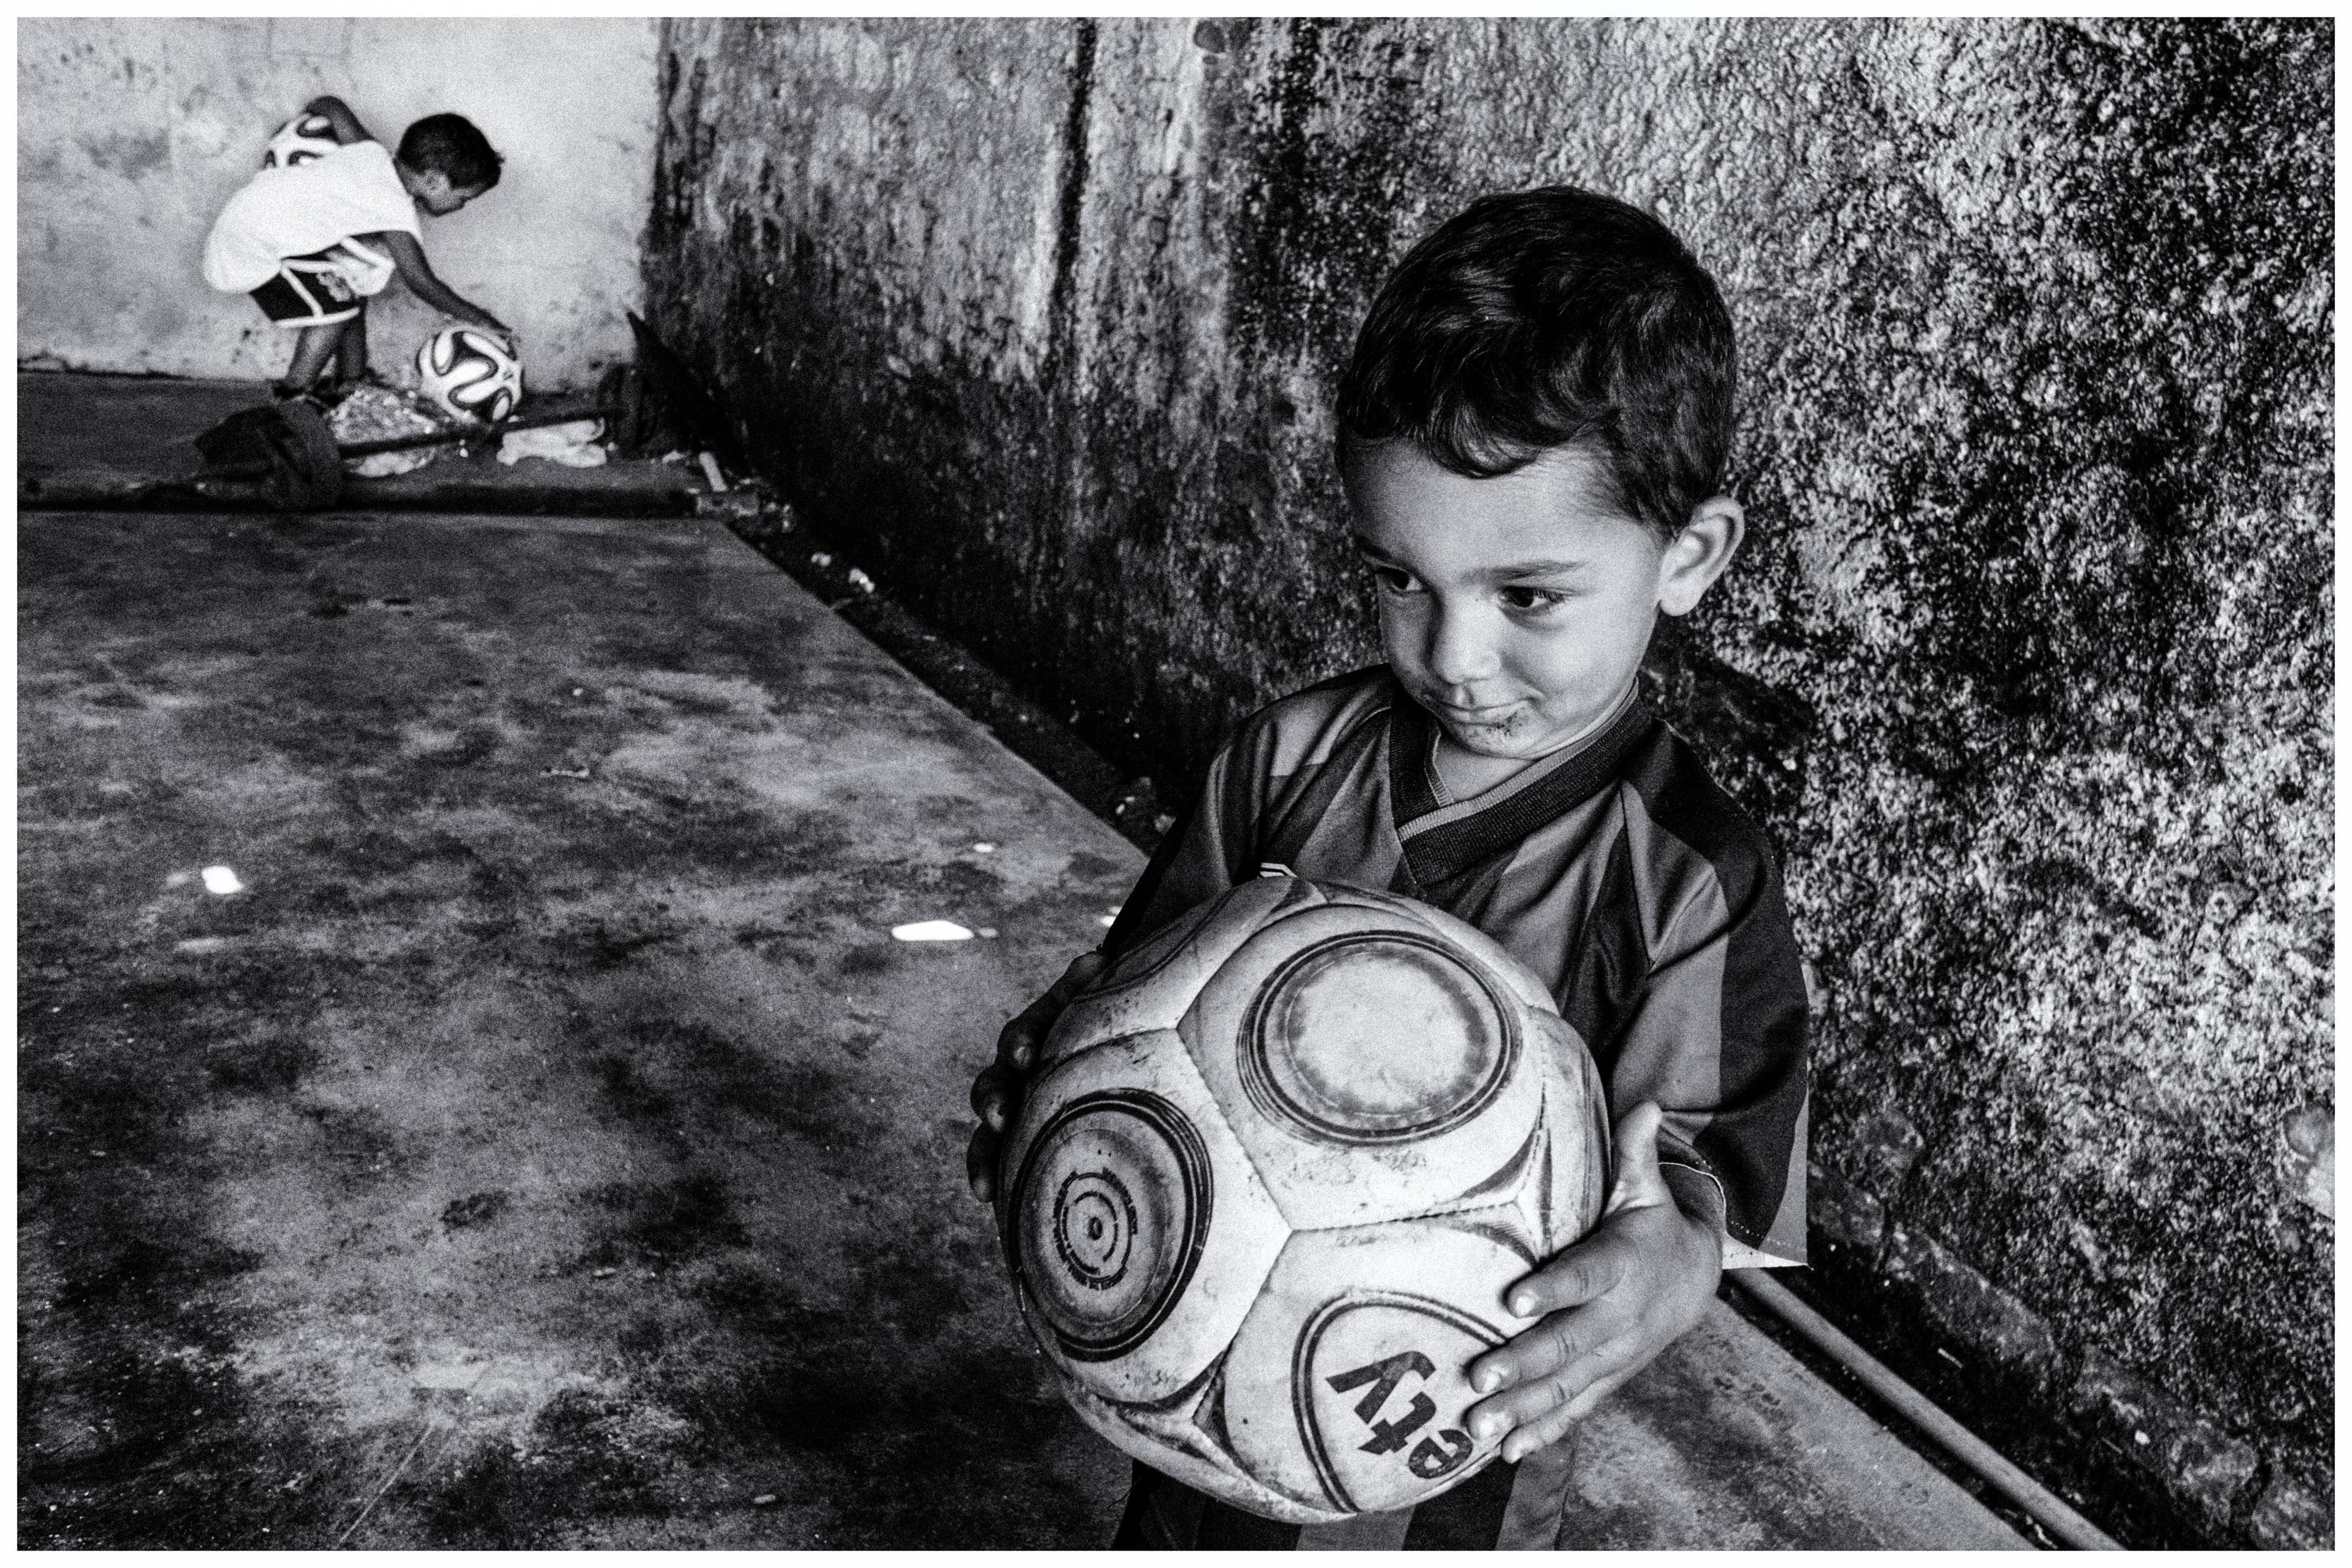 Exposição fotográfica revela realidade de crianças de projetos sócio esportivos de Curitiba e região 6